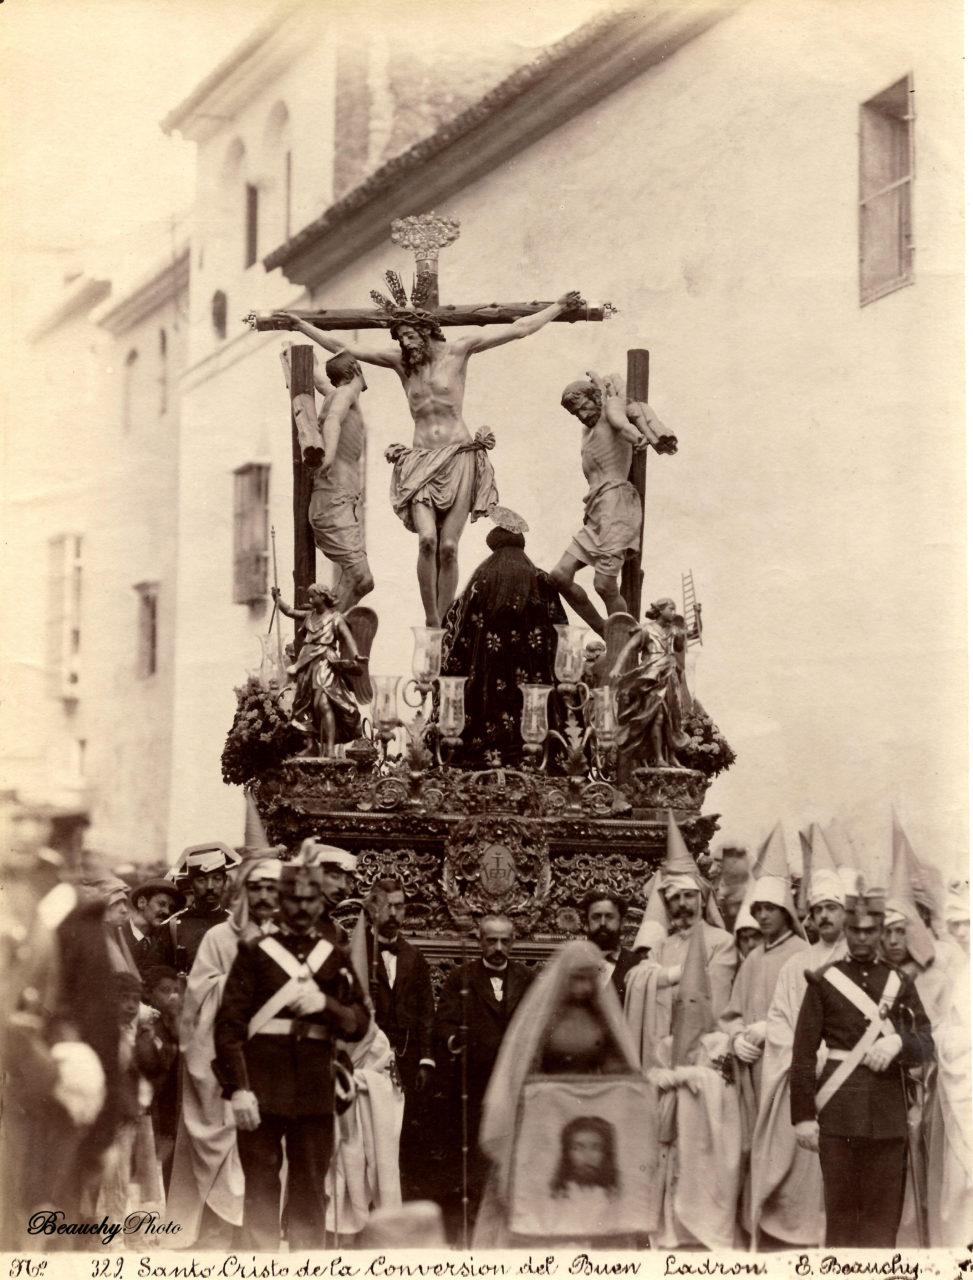 Cristo de la Conversión del Buen Ladrón